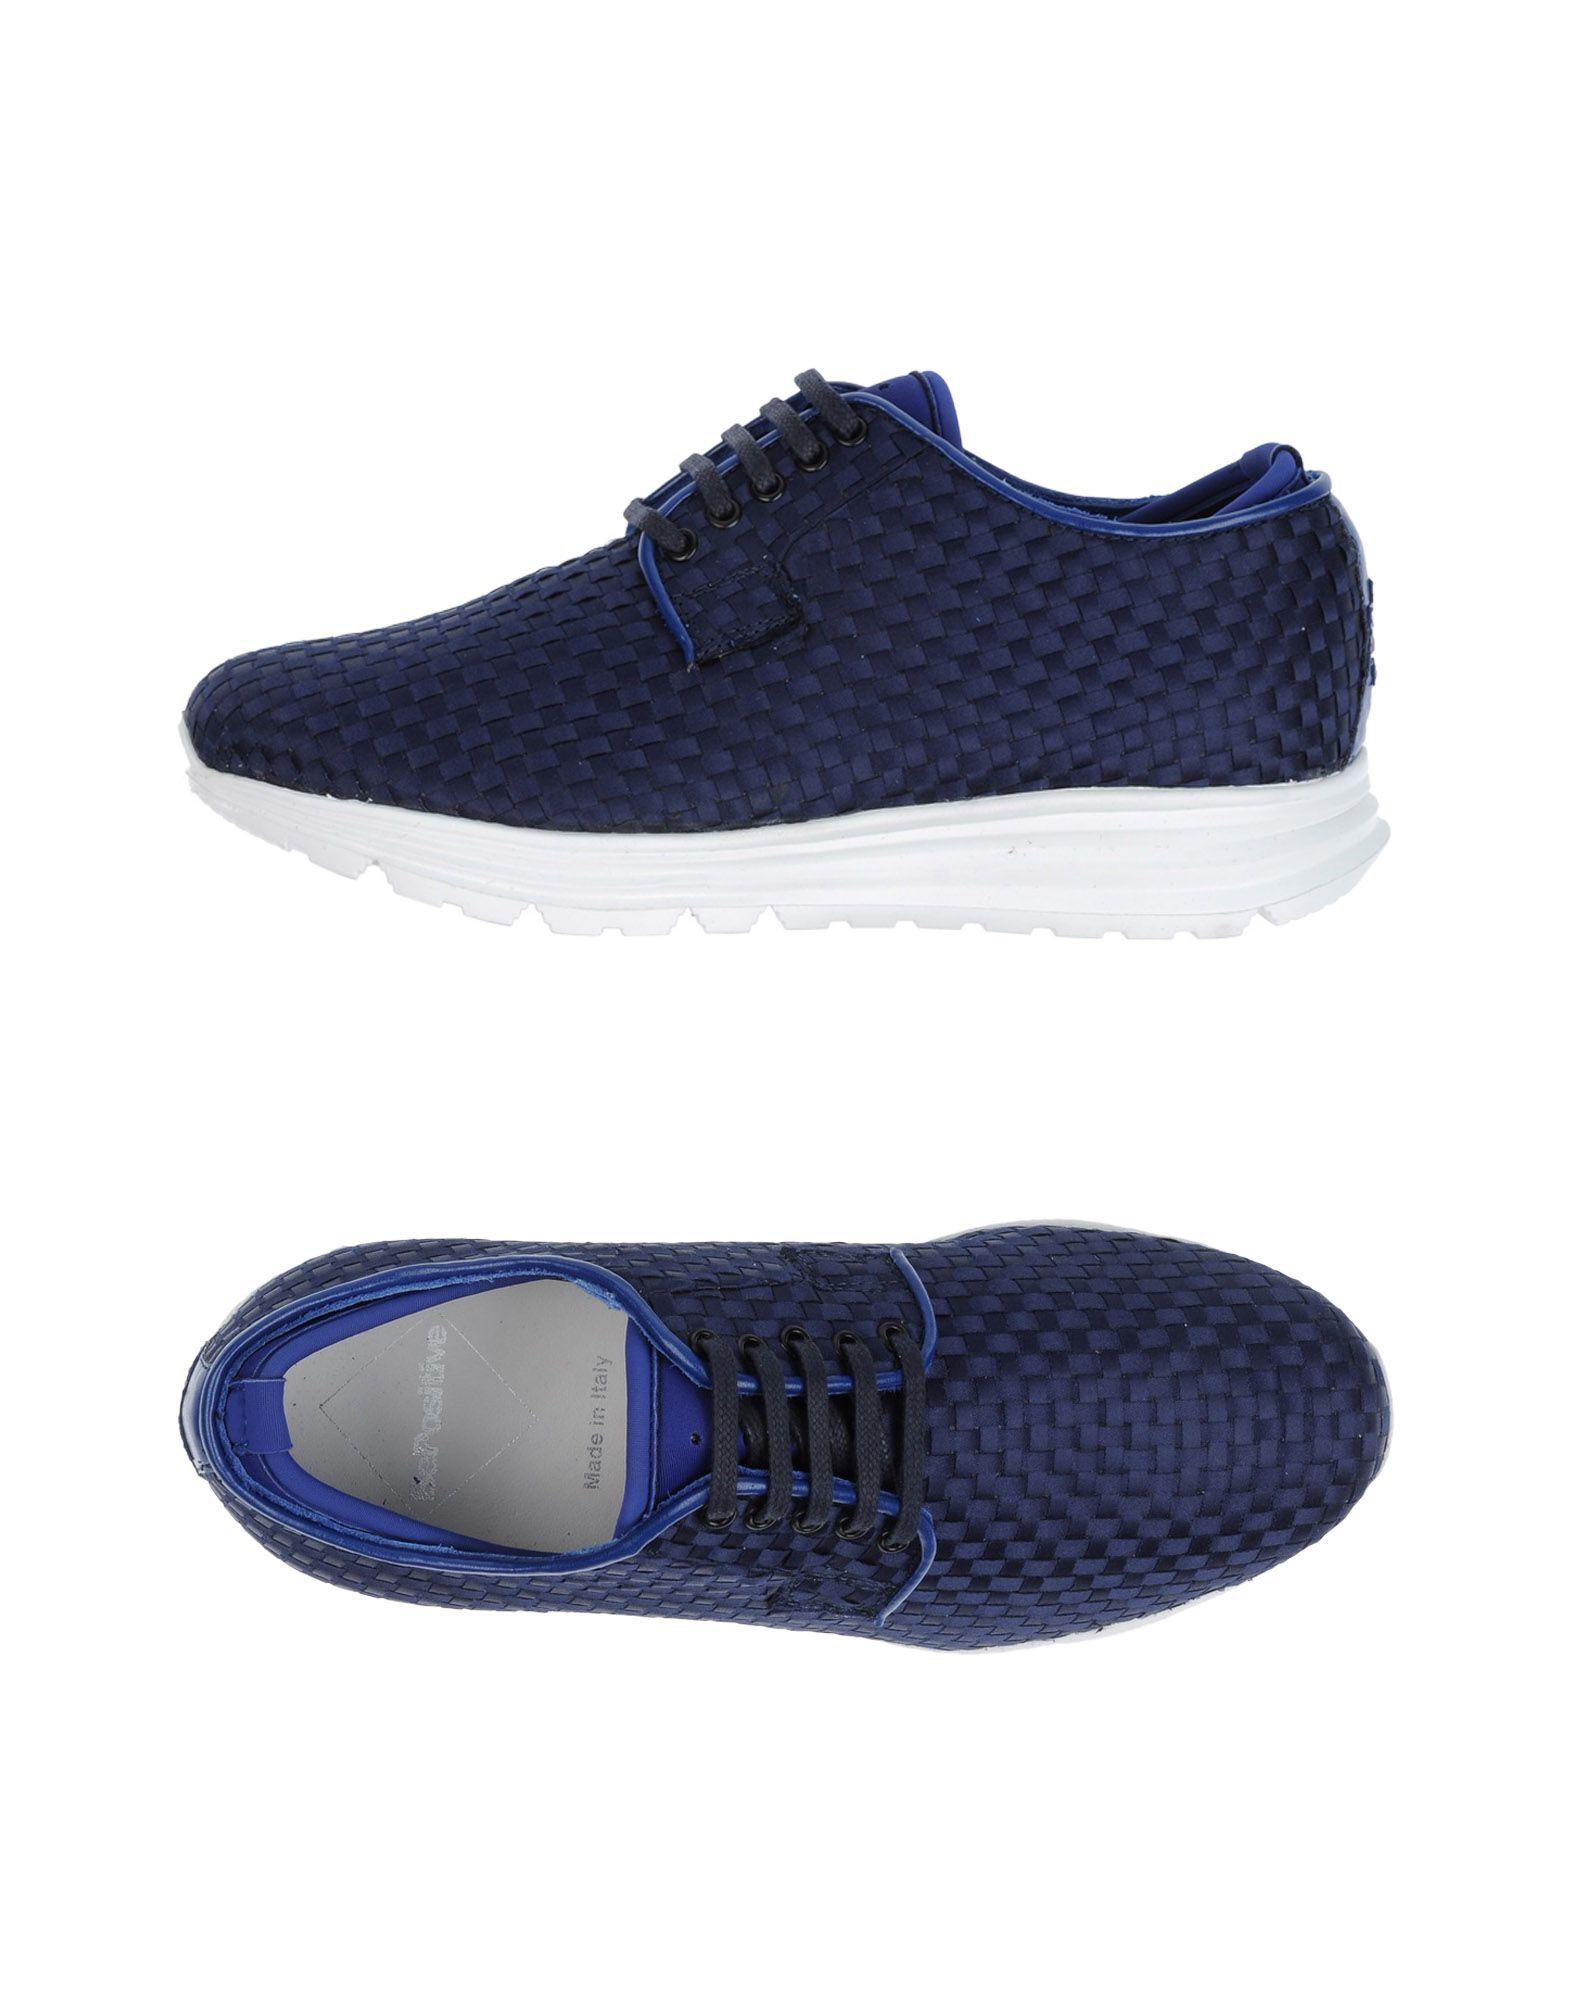 Moda Donna Sneakers Bepositive Donna Moda - 11259223TU 8cbb80